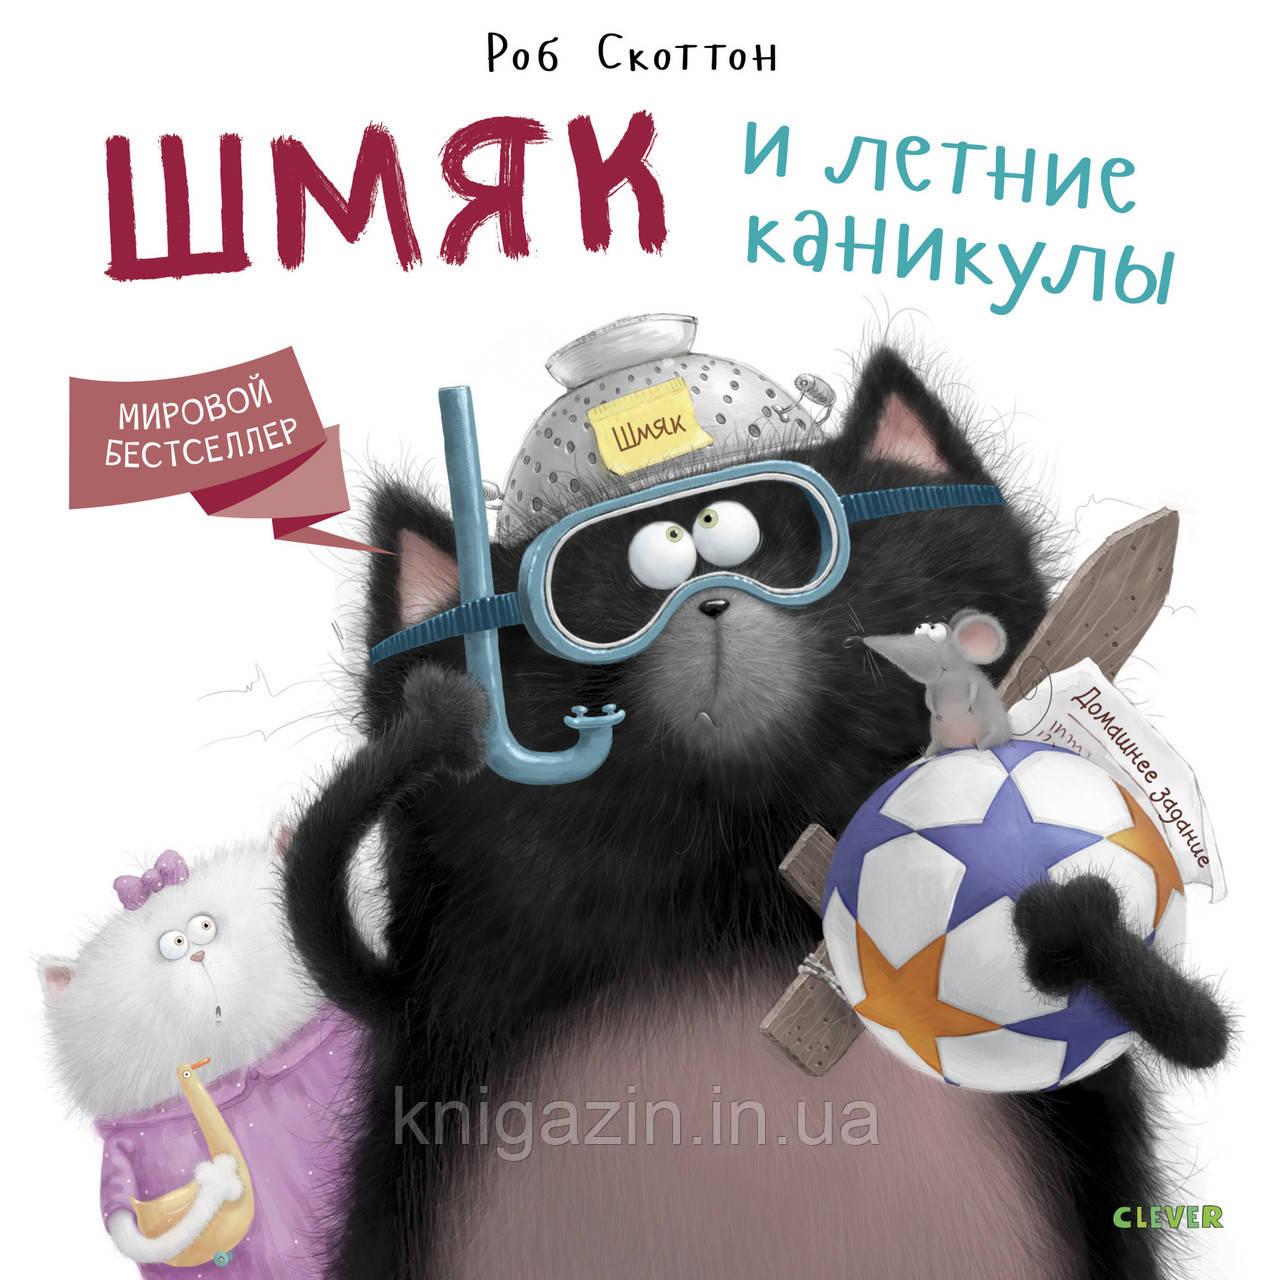 Детская книга Роб Скоттон: Котенок Шмяк. Шмяк и летние каникулы Для детей от 3 лет